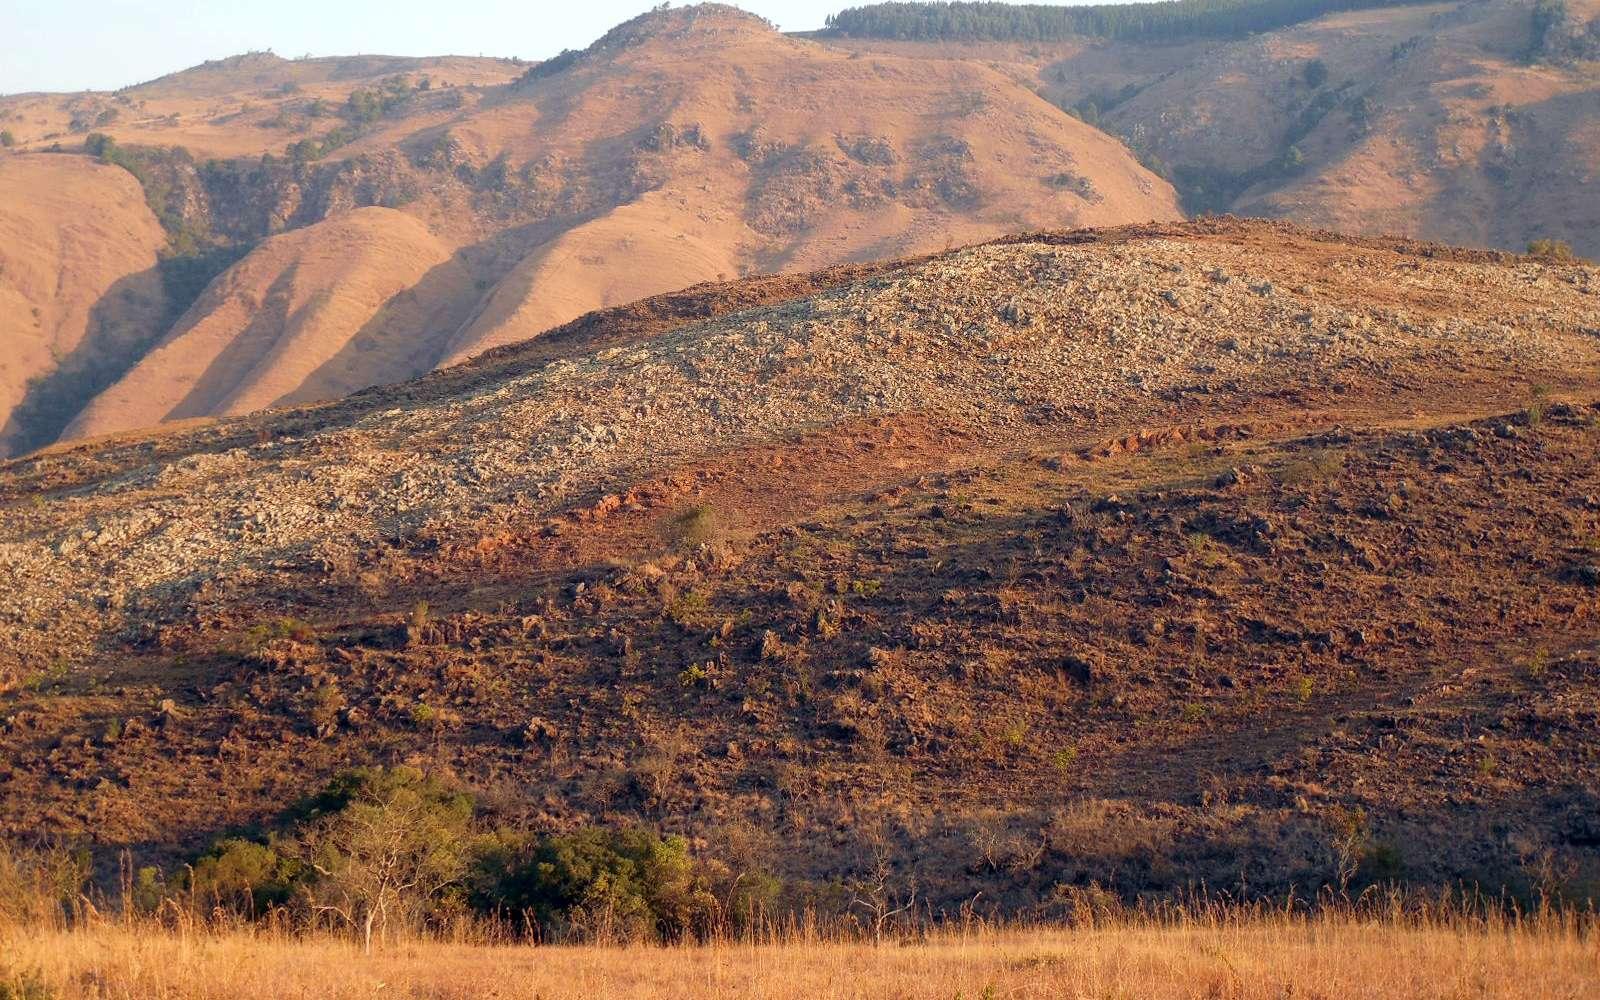 Photographie de terrain montrant une partie du complexe ultramafique de Pioneer à l'est de Barberton. Les collines de Moodies, reposant sur des grès riches en quartz, peuvent être vues en arrière-plan. Les strates claires se composent de dunites, les strates rouges au premier plan de pyroxénite. © 2018 35th IGC